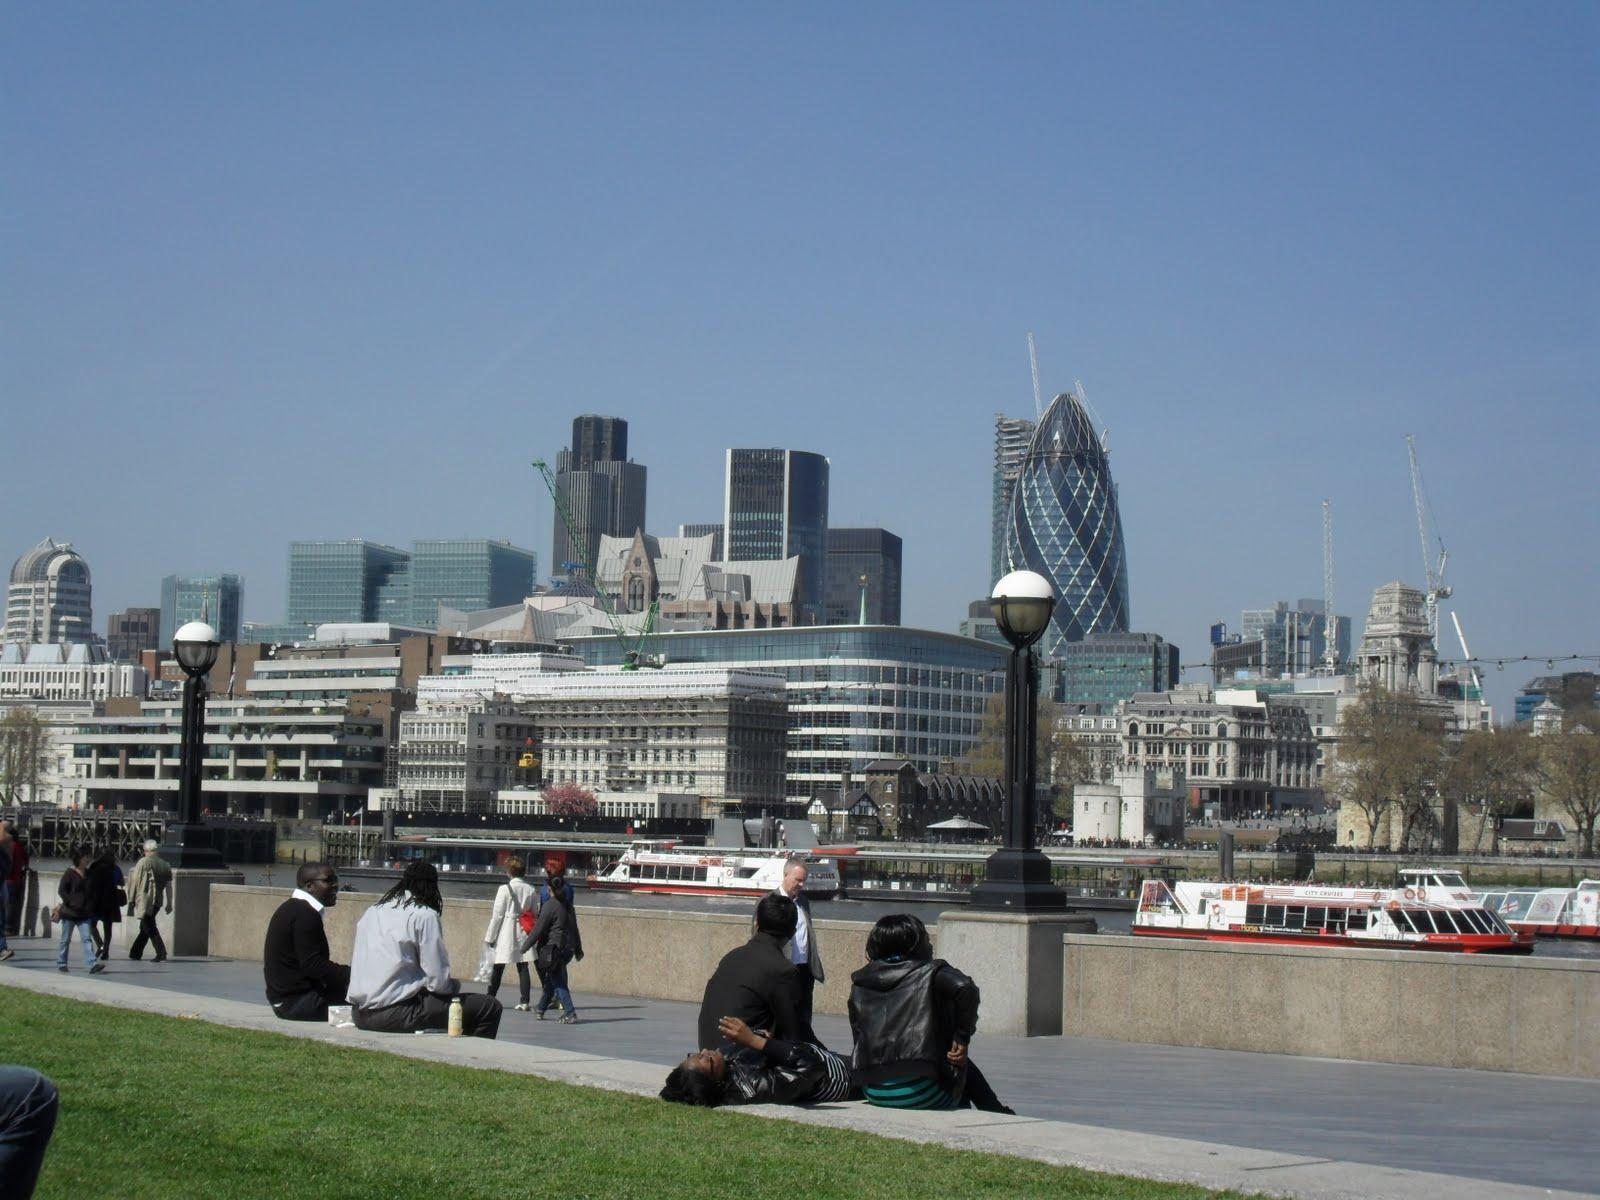 Site-uri Matrimoniale Londra - Cauta-ti perechea potrivita in judetul tau